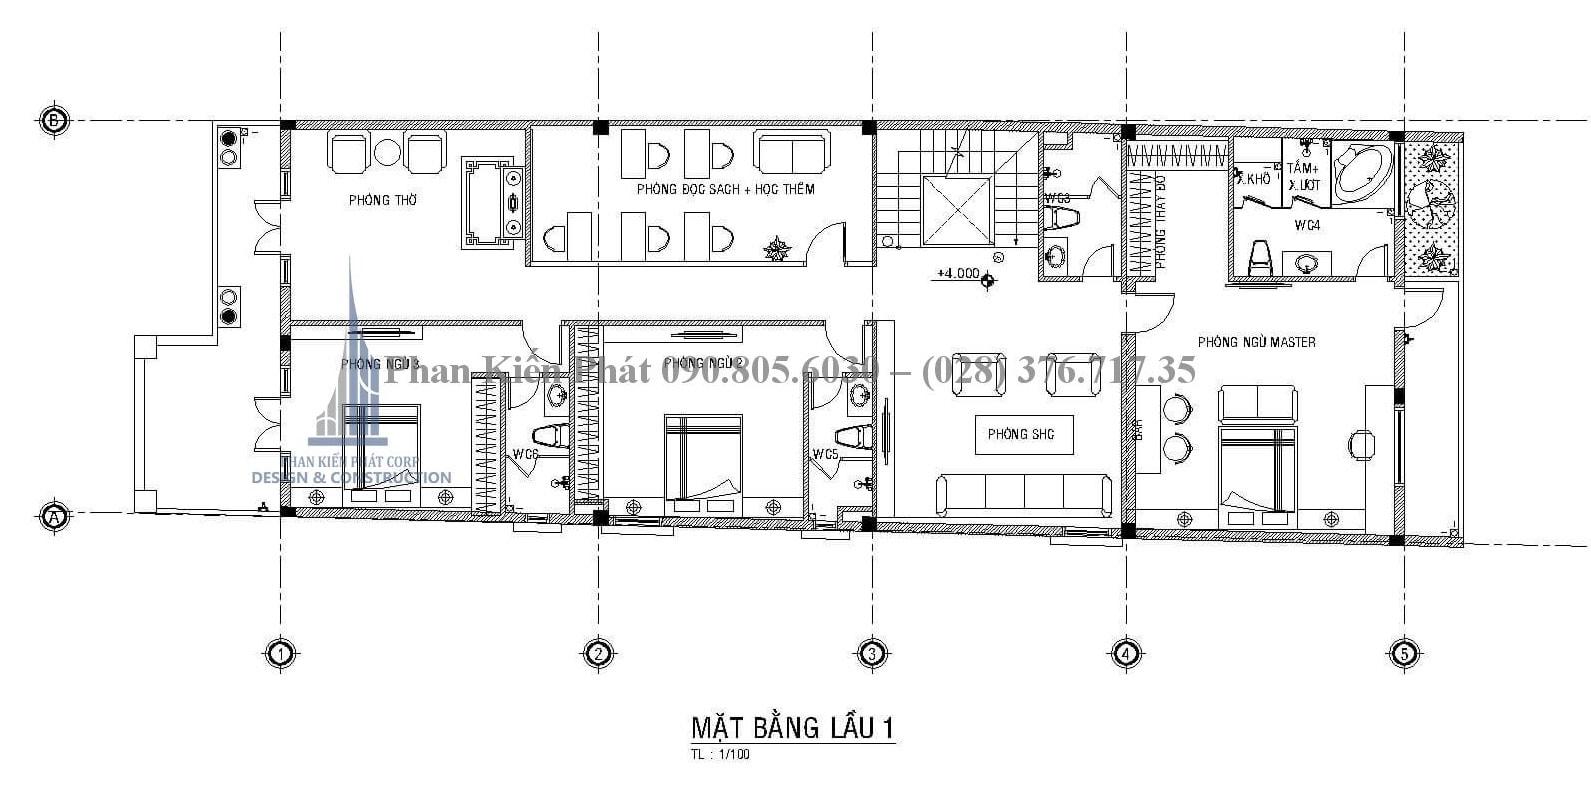 Mat Bang Lau 1